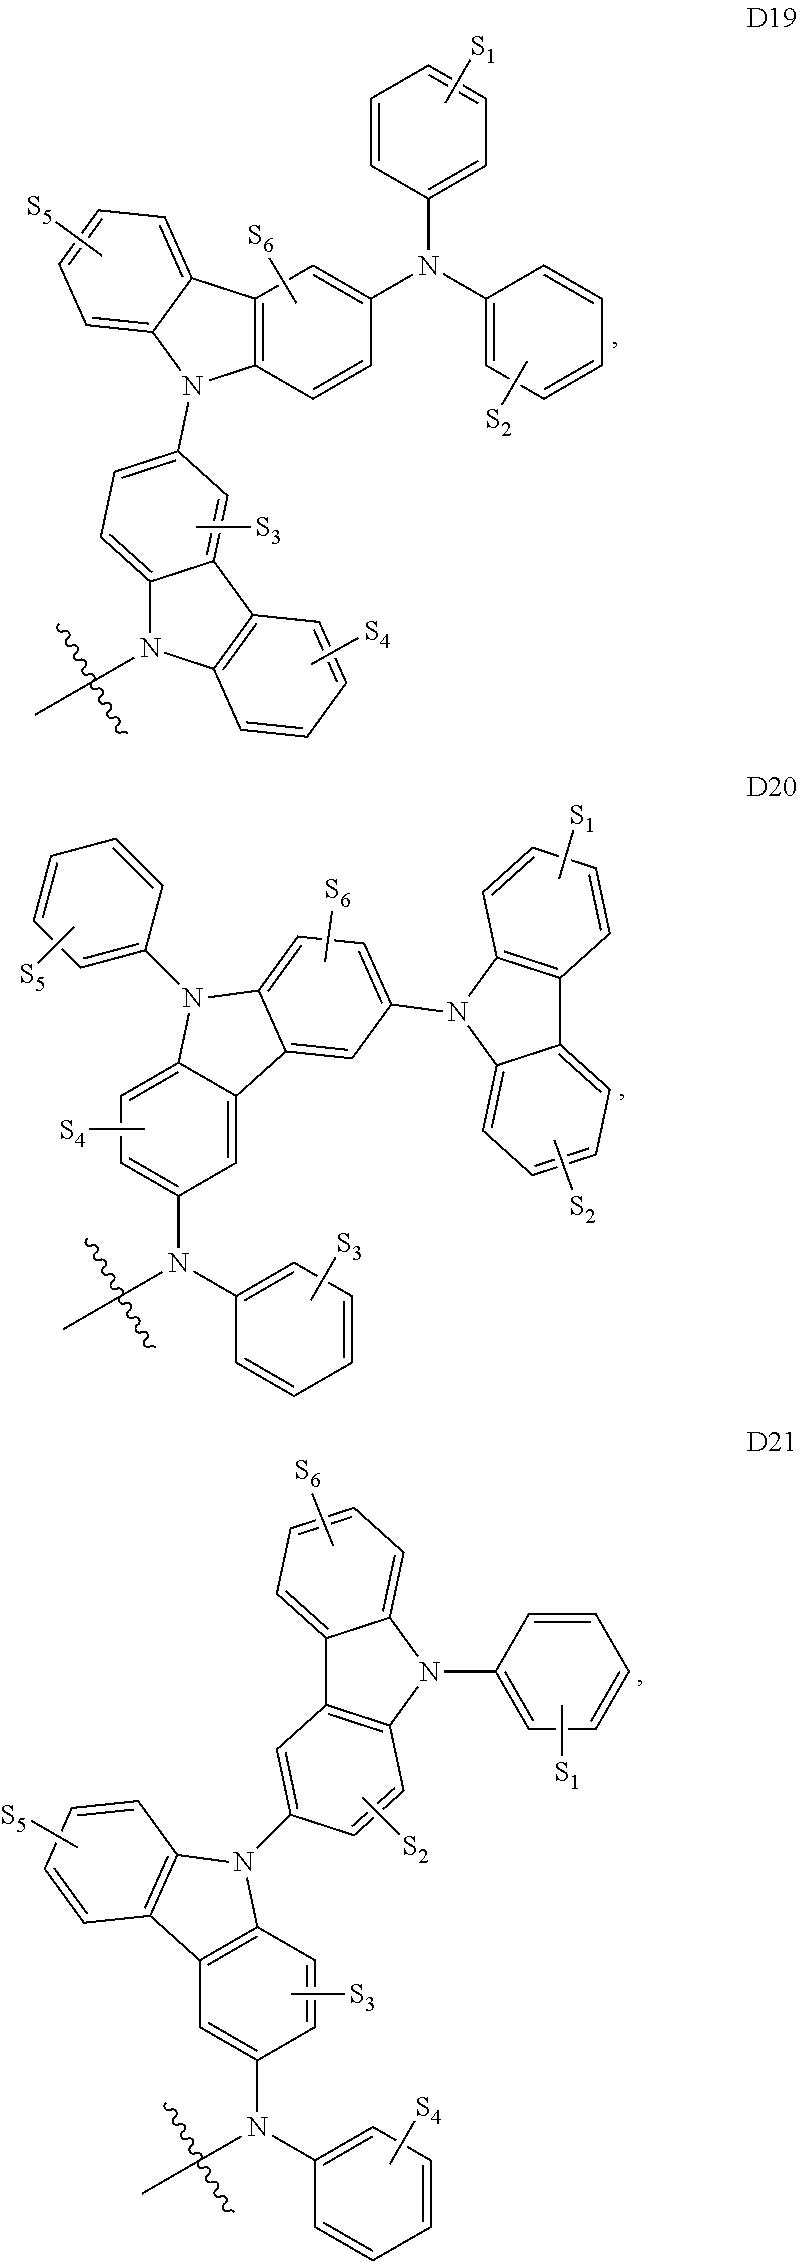 Figure US09537106-20170103-C00126